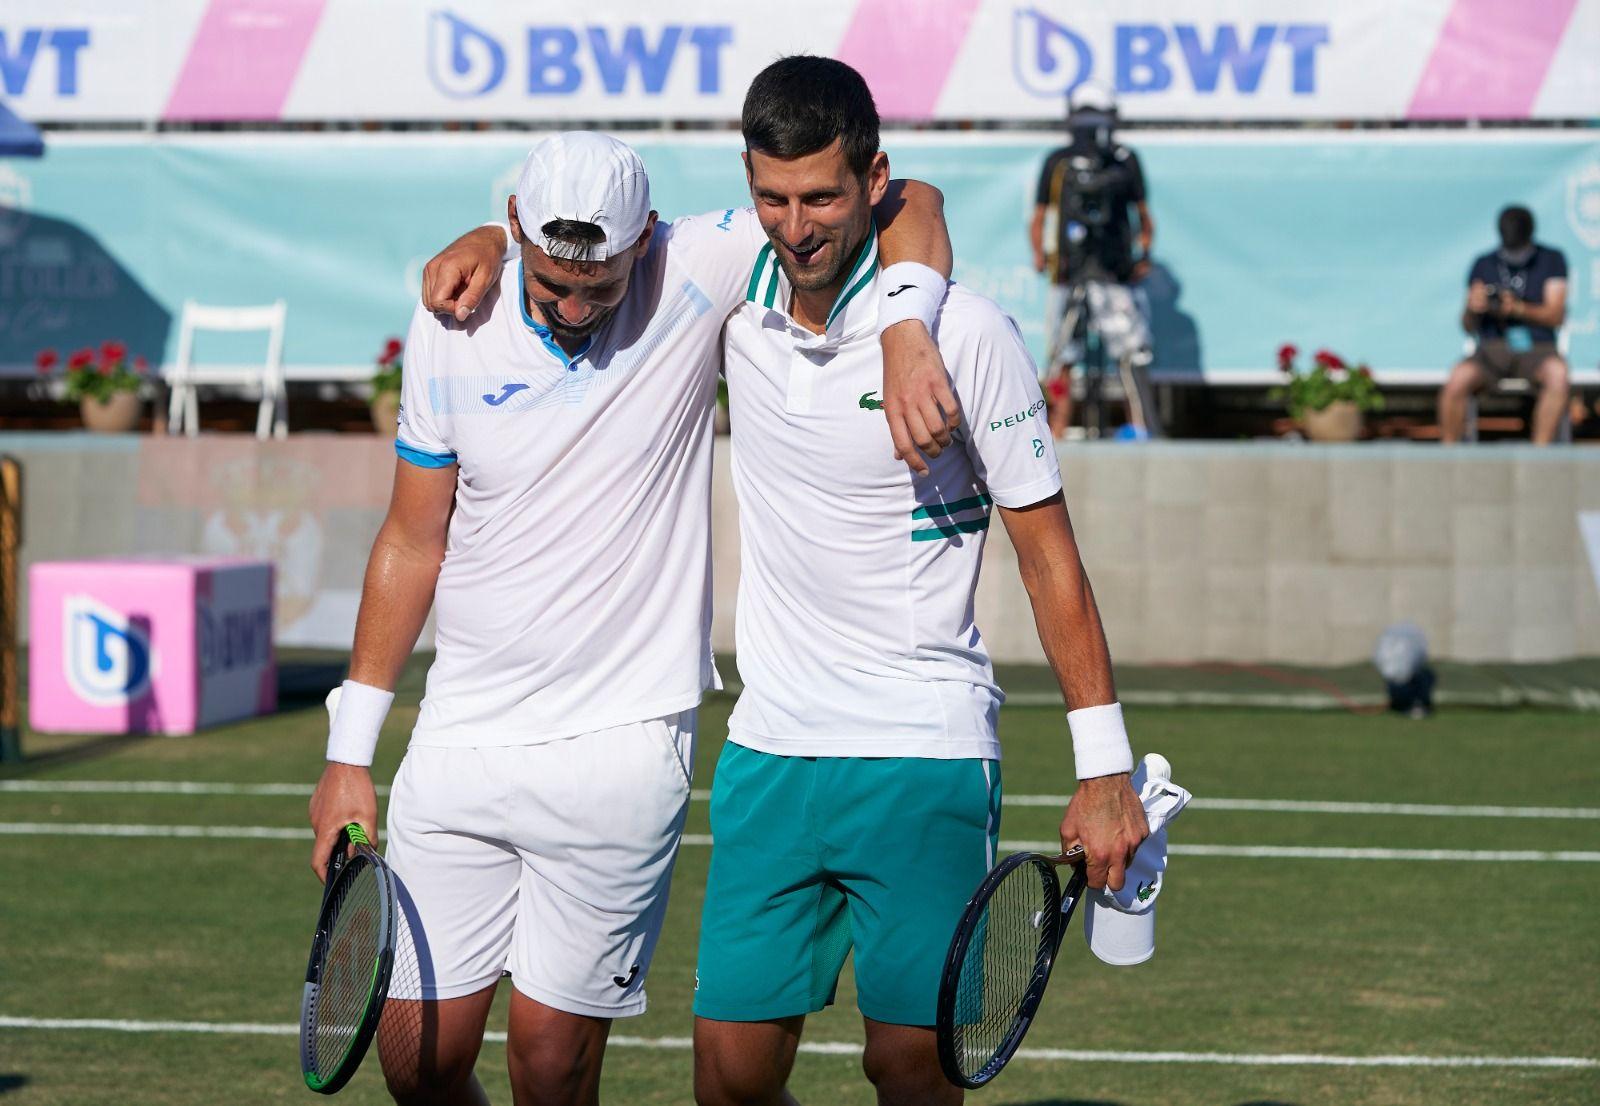 Gómez-Herrera y Djokovic, durante el ATP de Mallorca. Una amistad dentro y fuera de los courts.